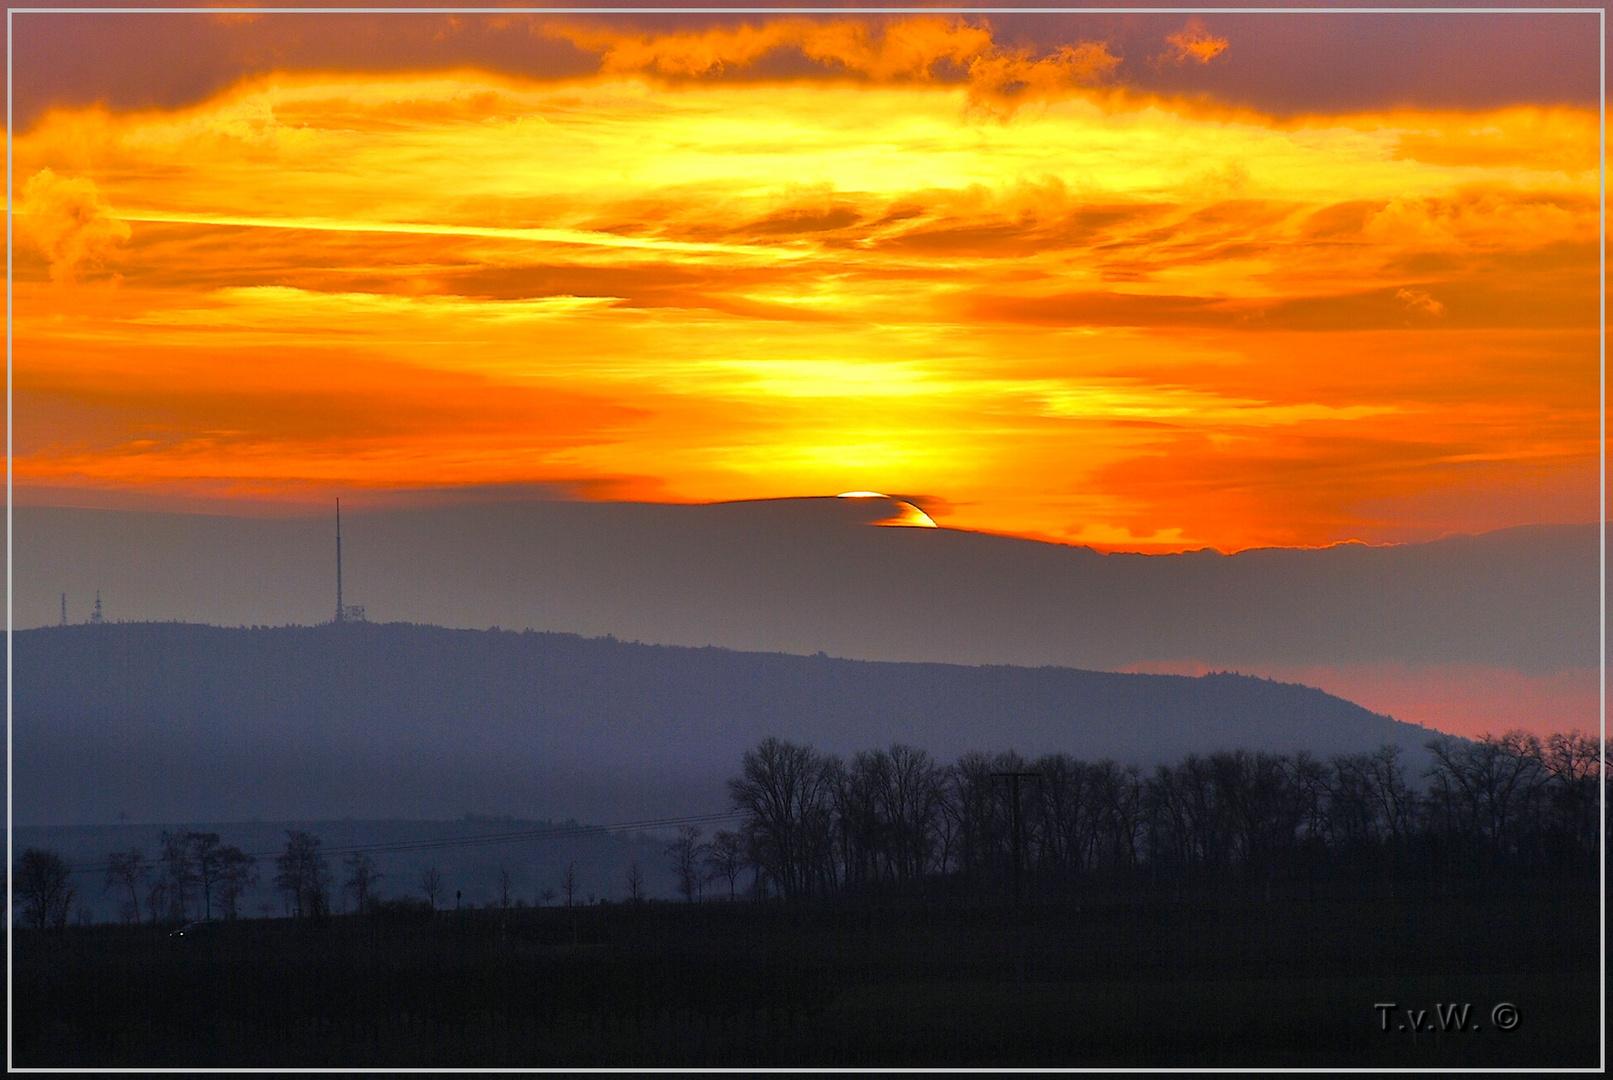 Abendstudie vom Sonnenuntergang